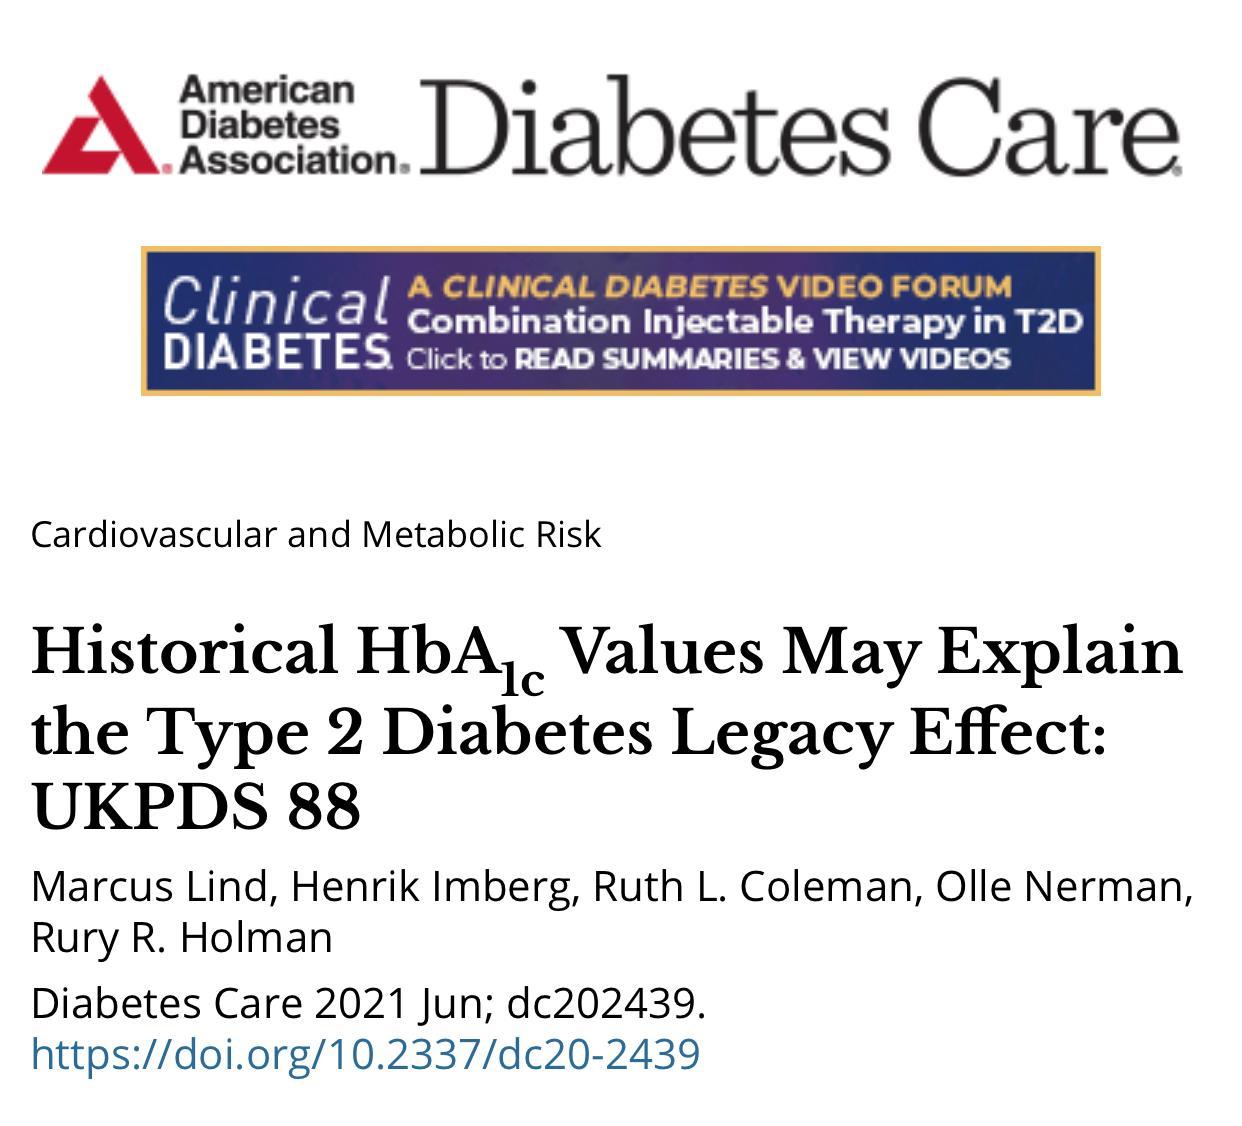 UKPDS 88: Valores Históricos de HbA1c Podem Explicar o Efeito Legado do Diabetes Tipo 2